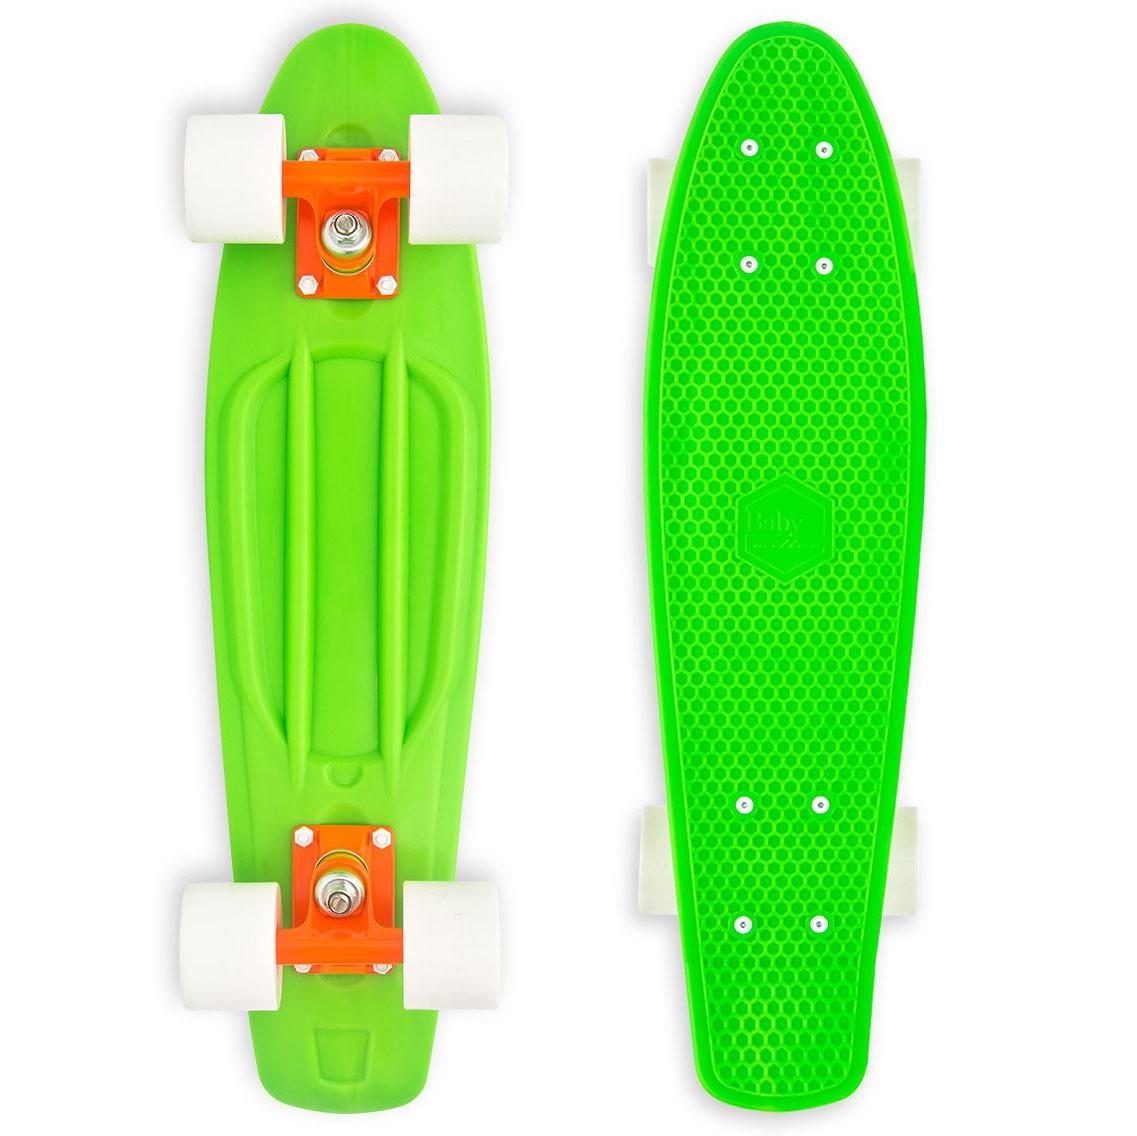 Baby Miller Green skateboard